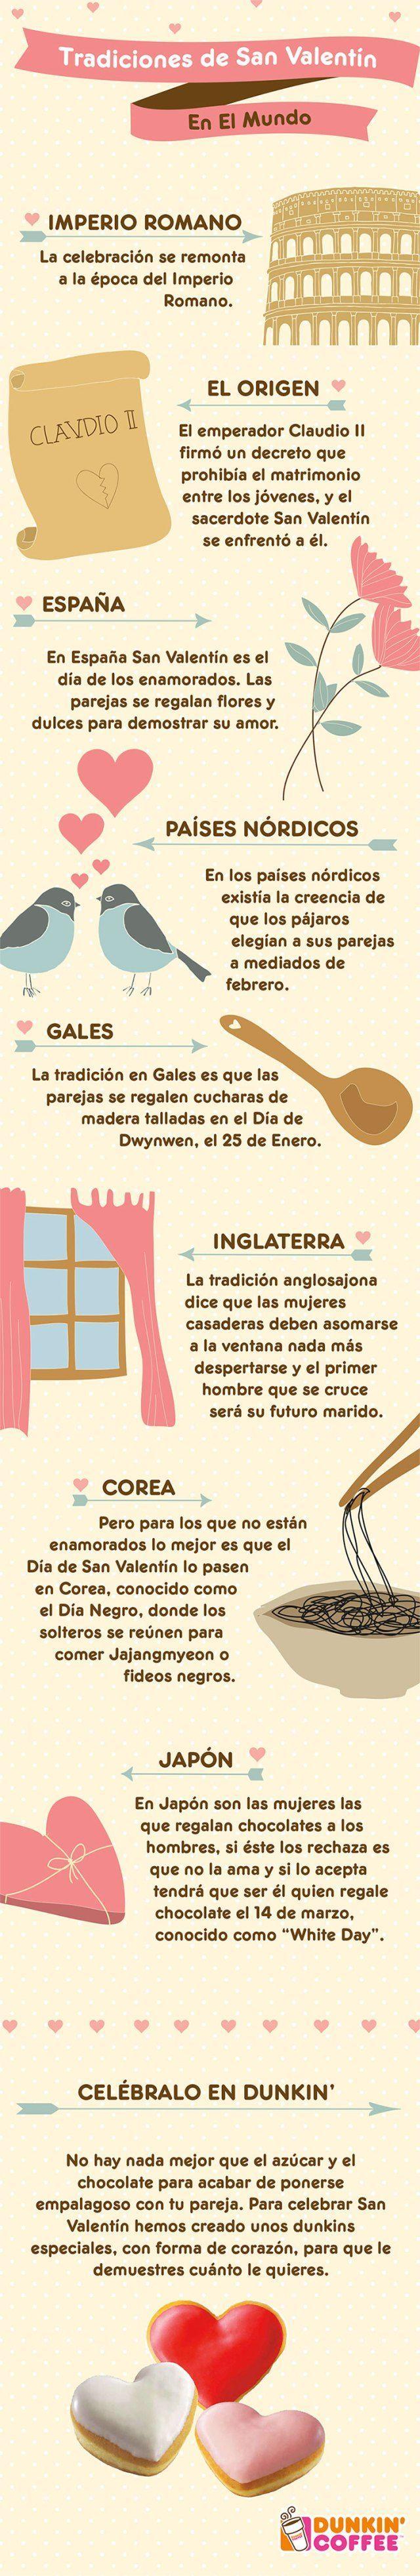 Tradiciones de San Valentín en el Mundo #infografia #infographic: